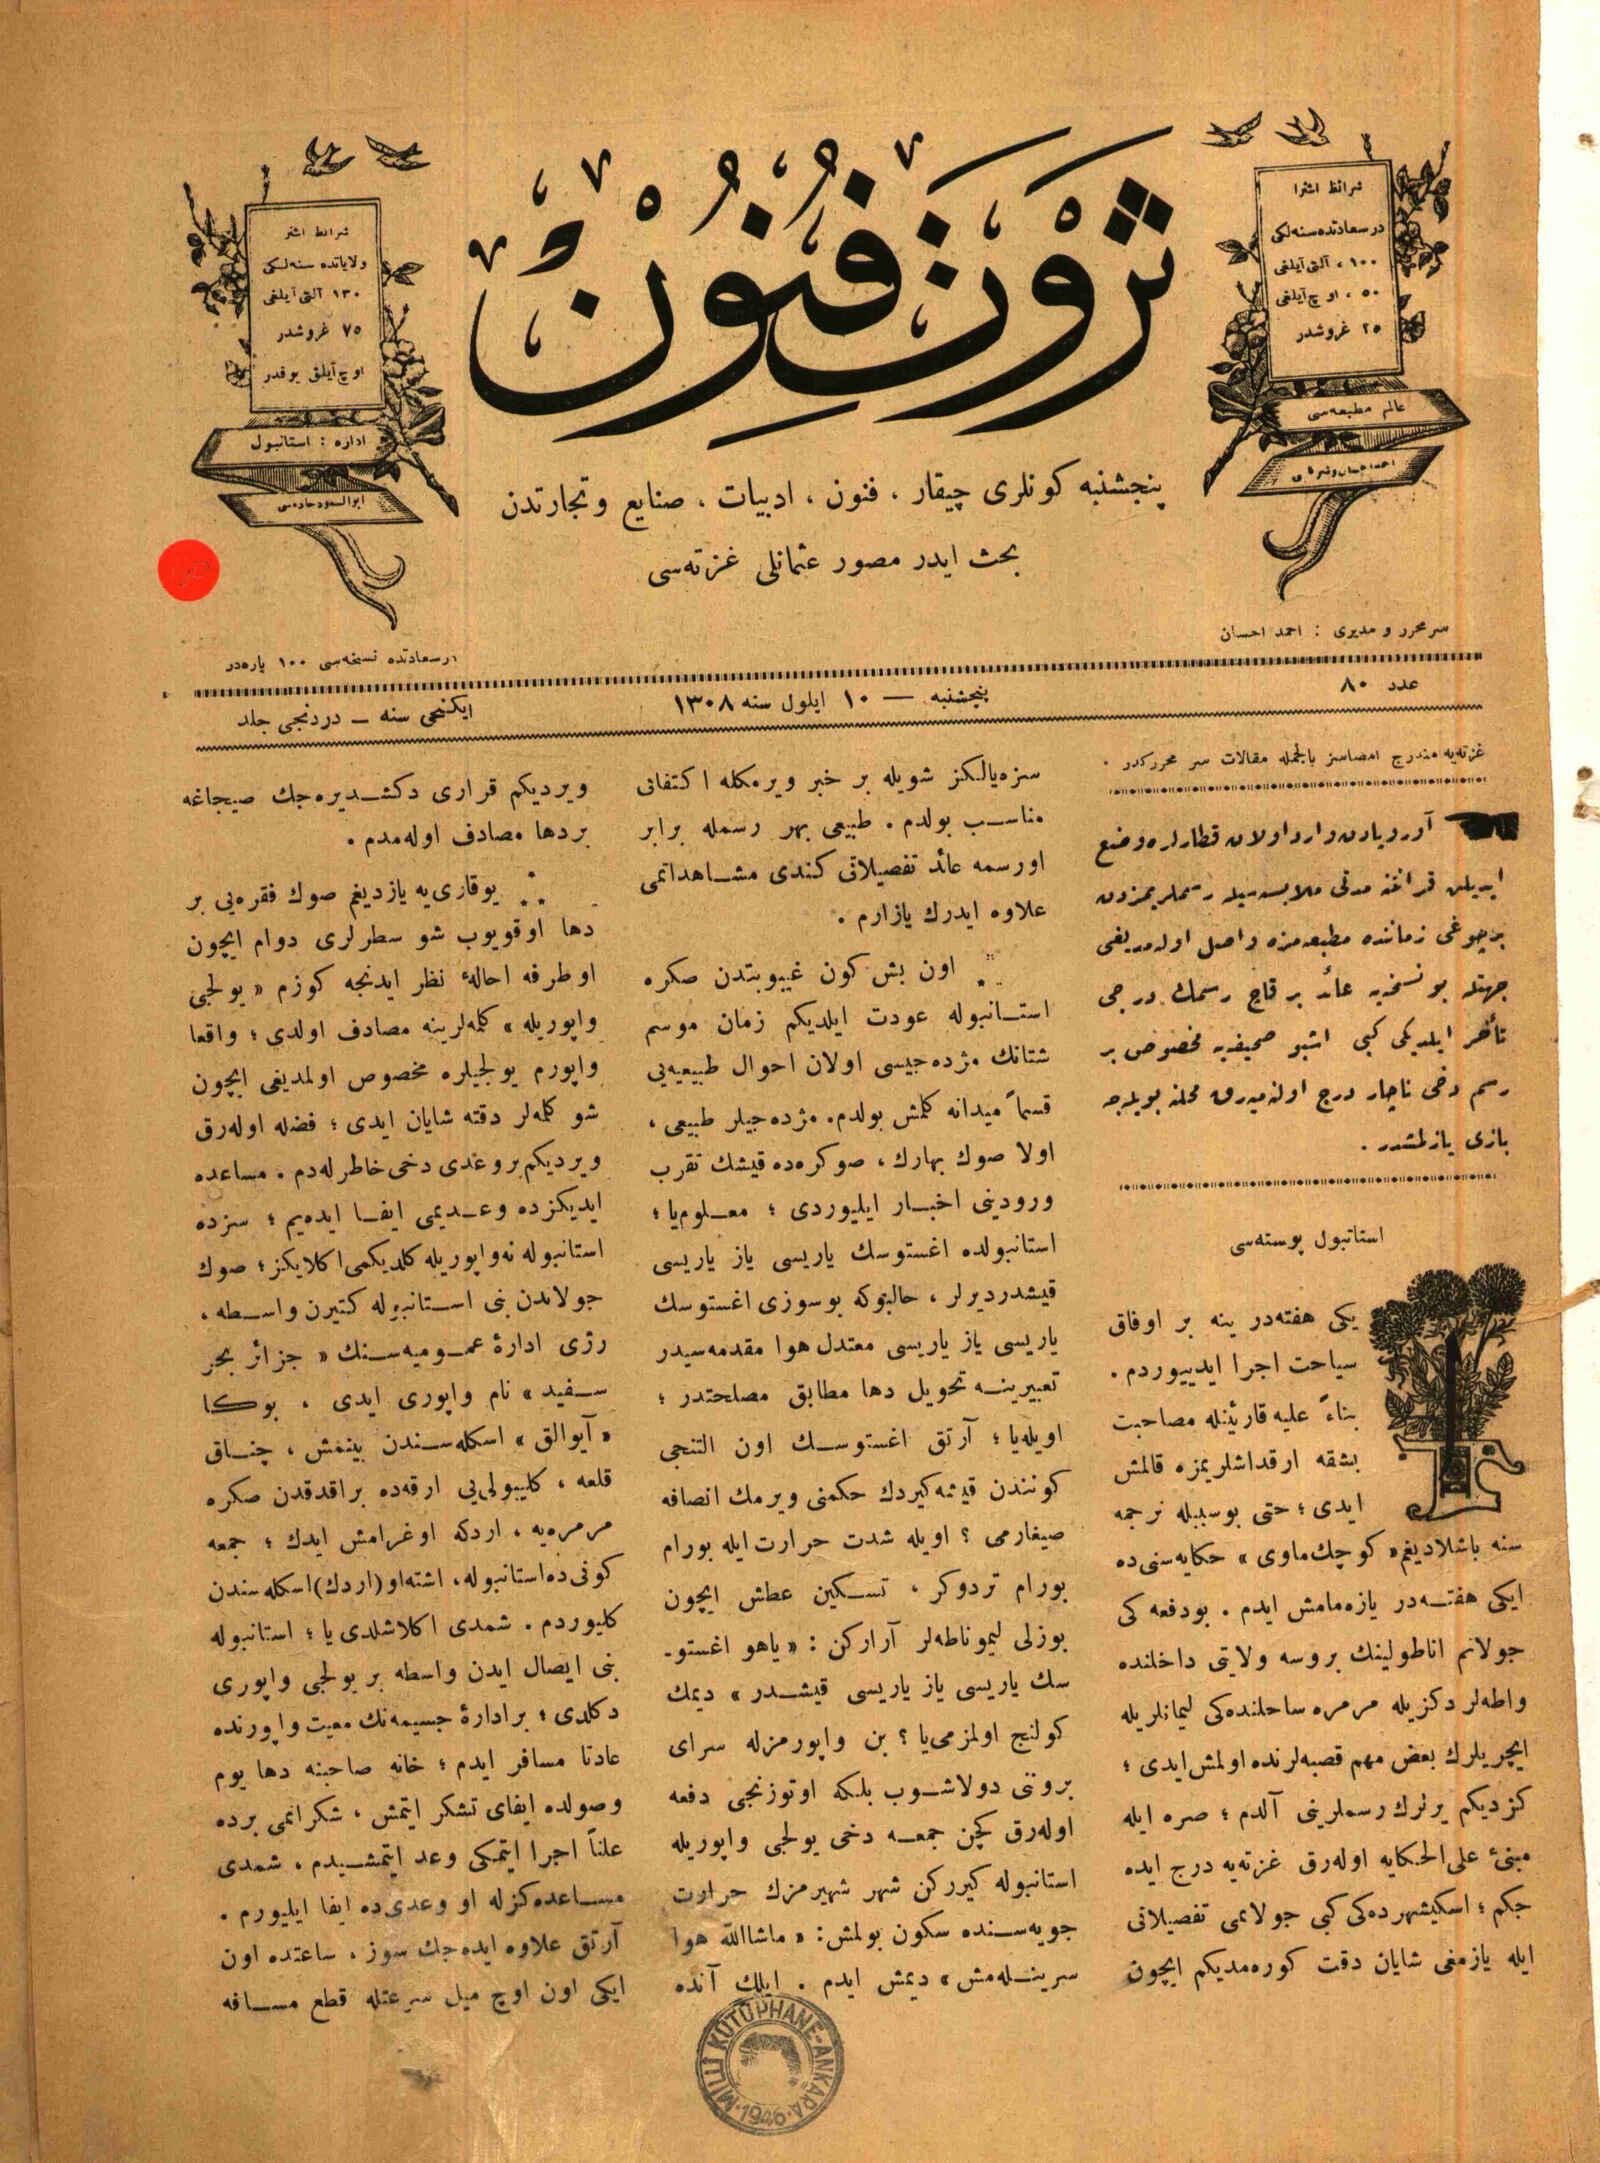 22 Eylül 1892 Tarihli Servet-i Fünun Dergisi Sayfa 1